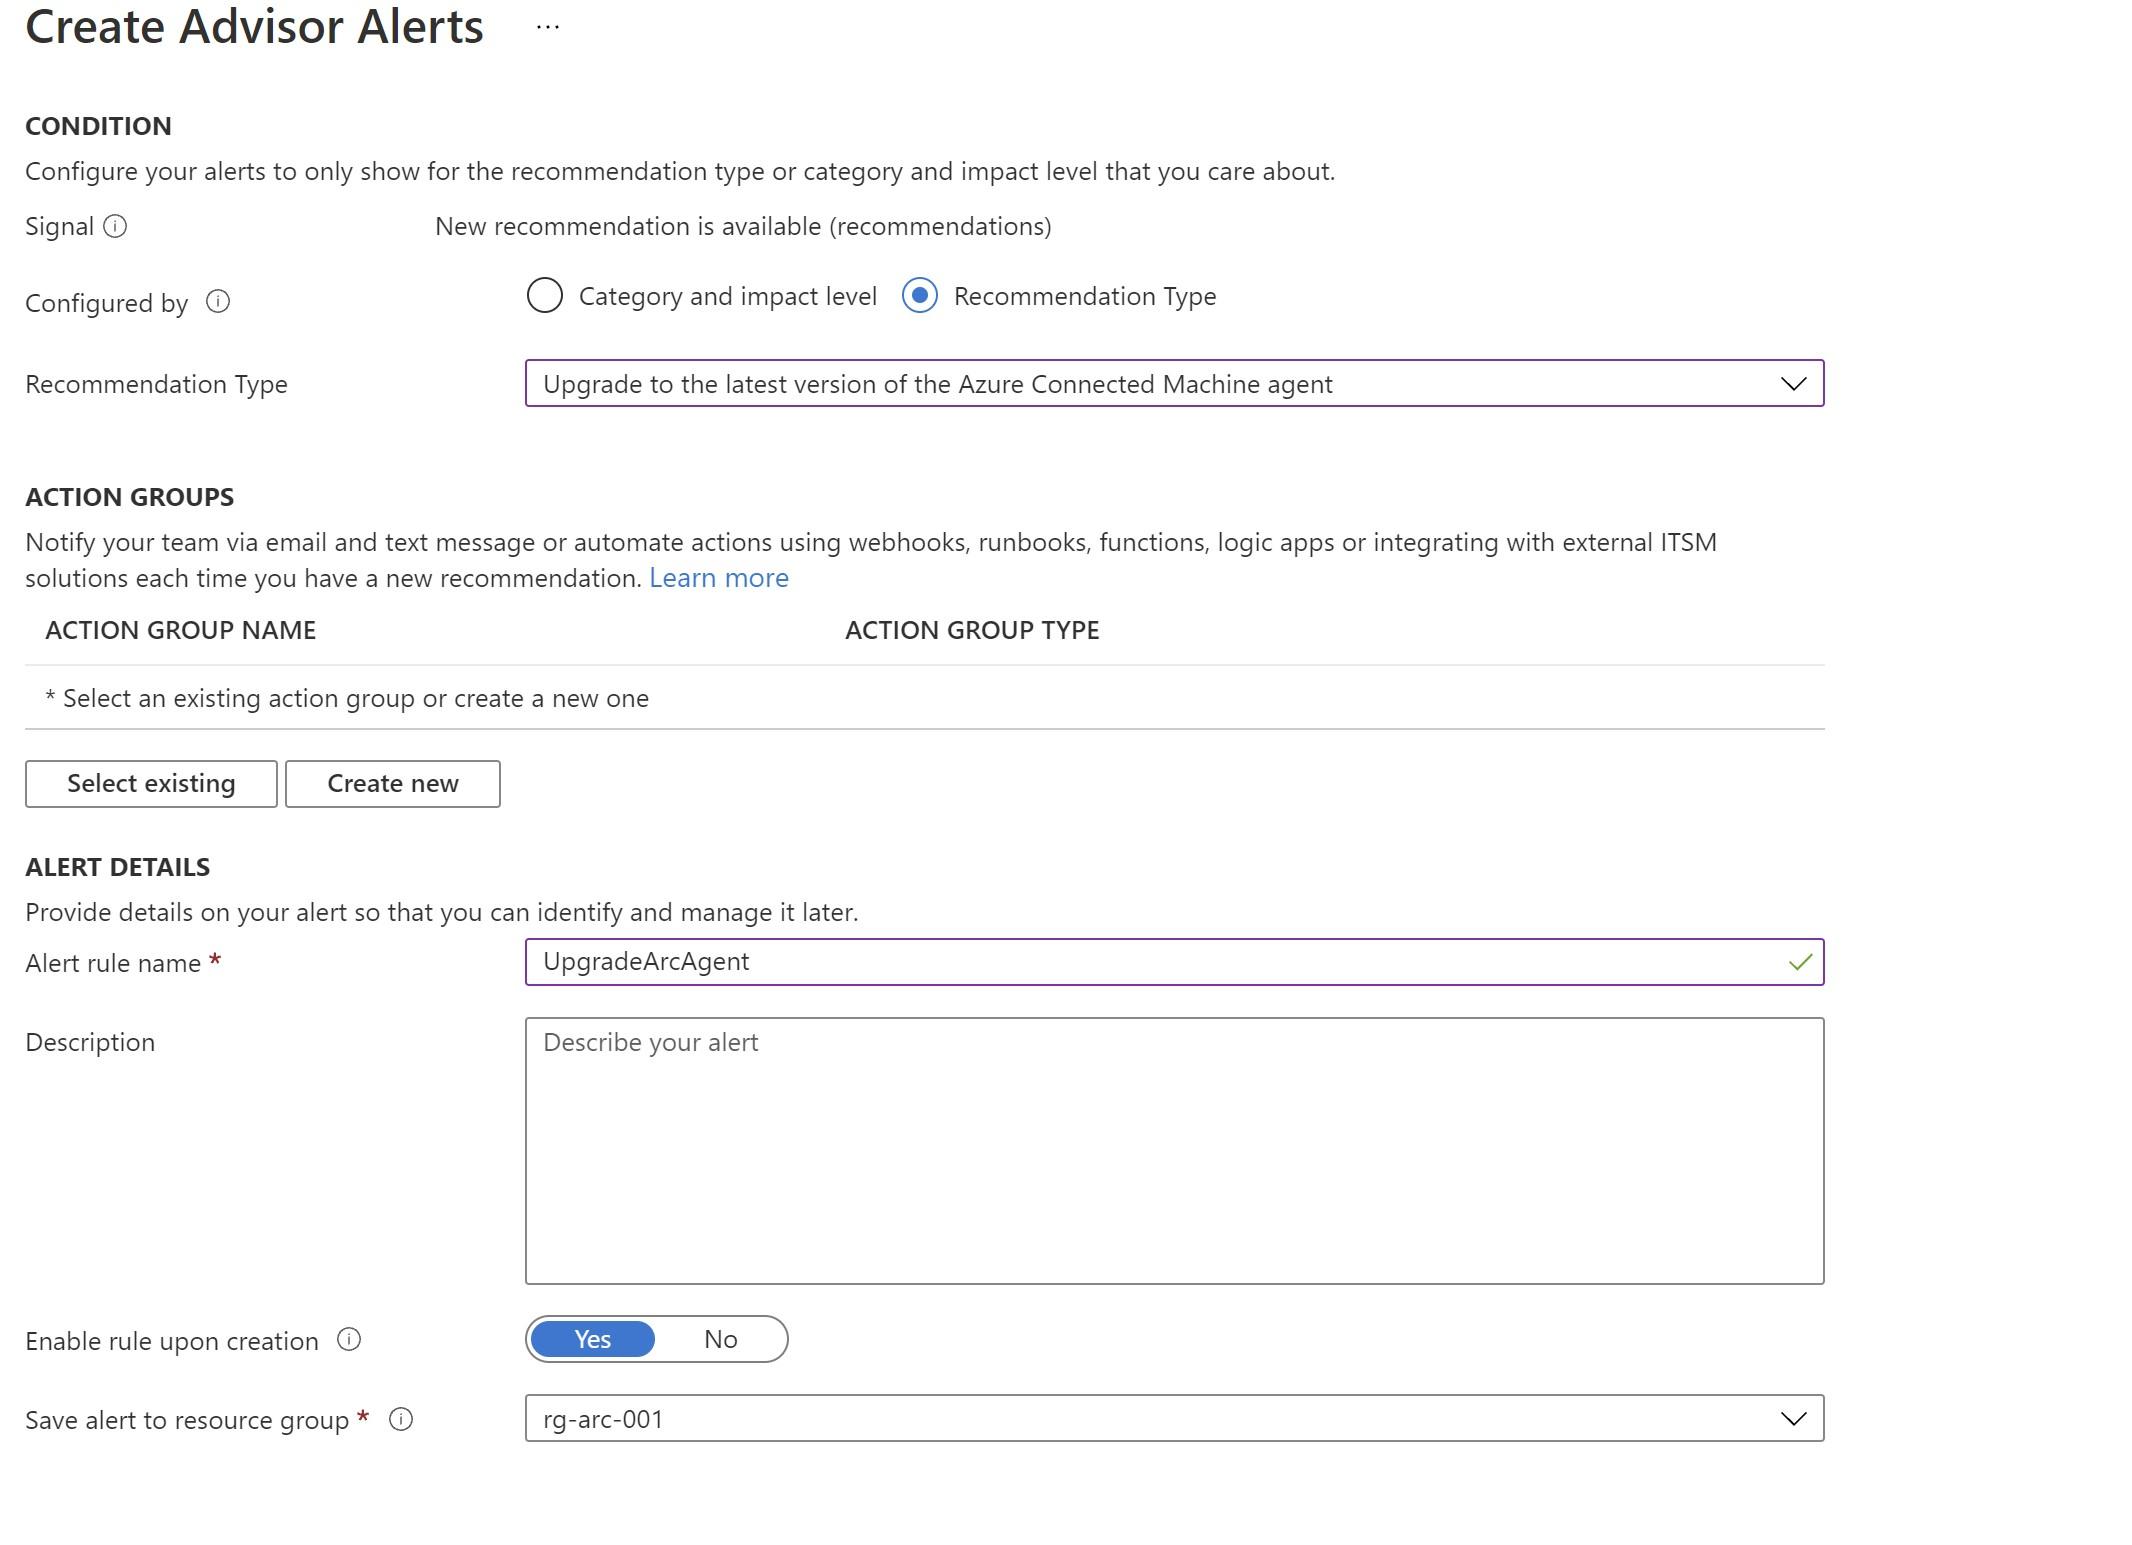 Azure Advisor alert